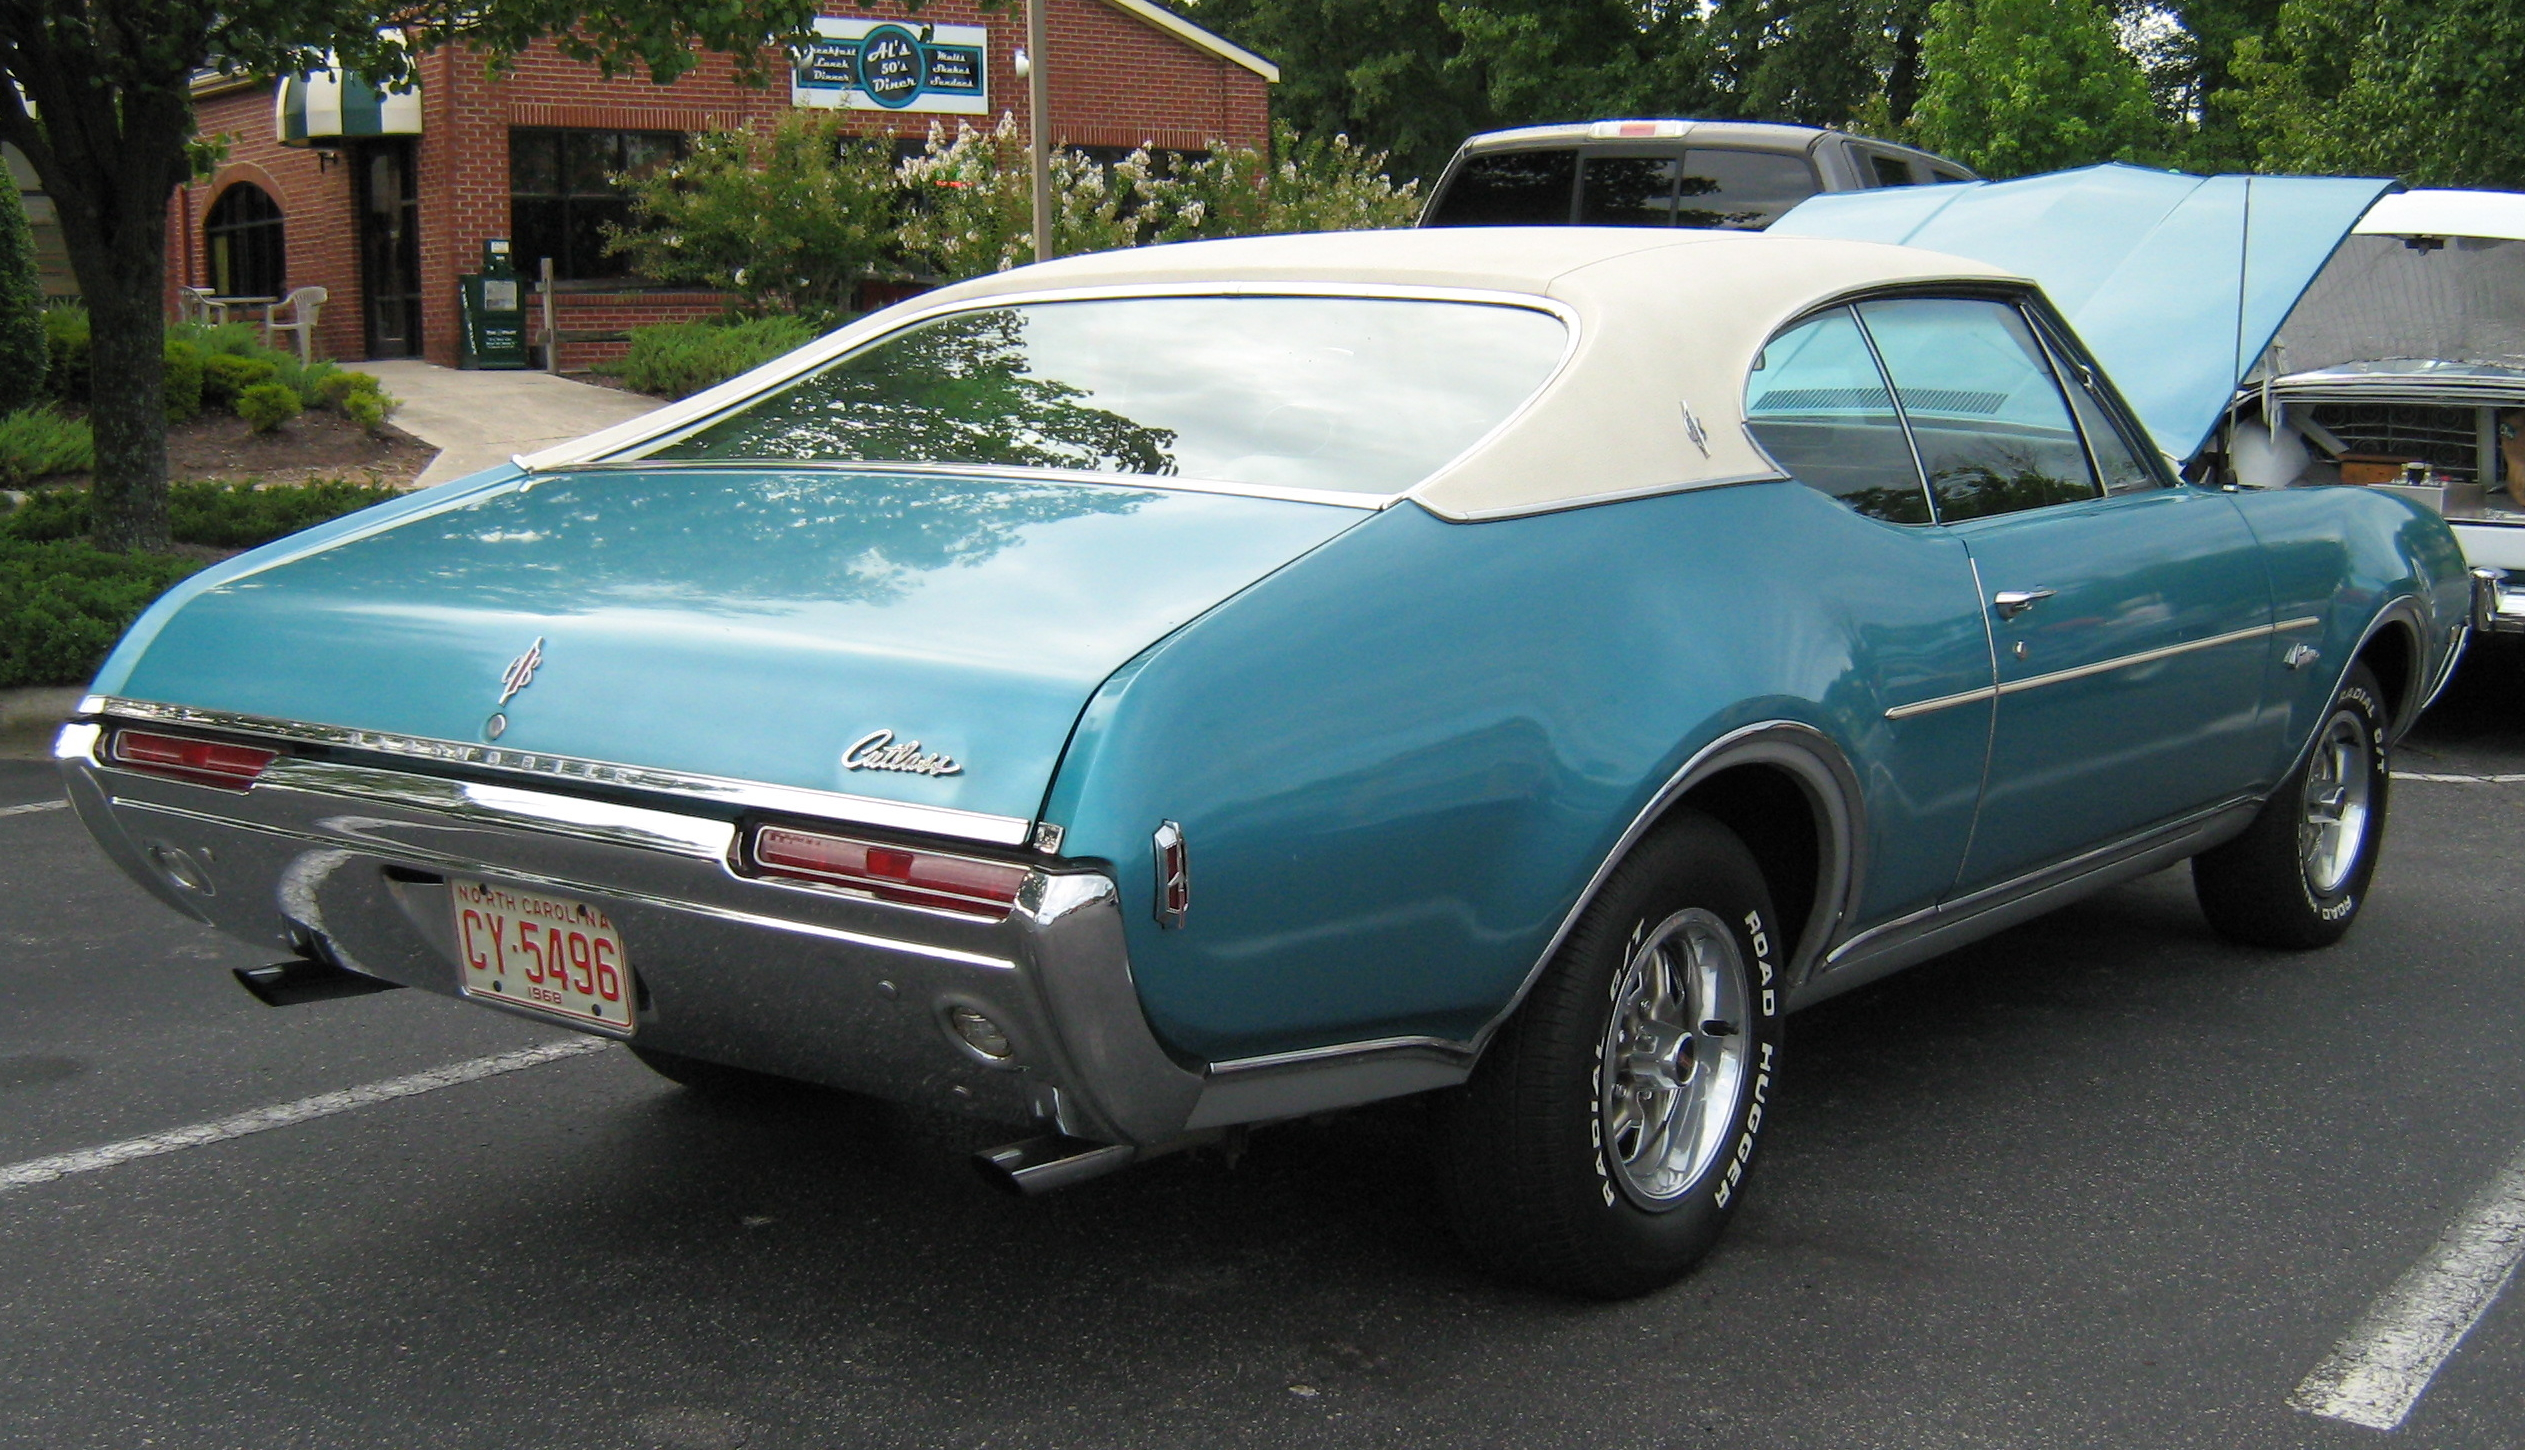 Oldsmobile cutlass supreme 2 door convertible side profile 81965 - 1968 Olds Cutlass 2door